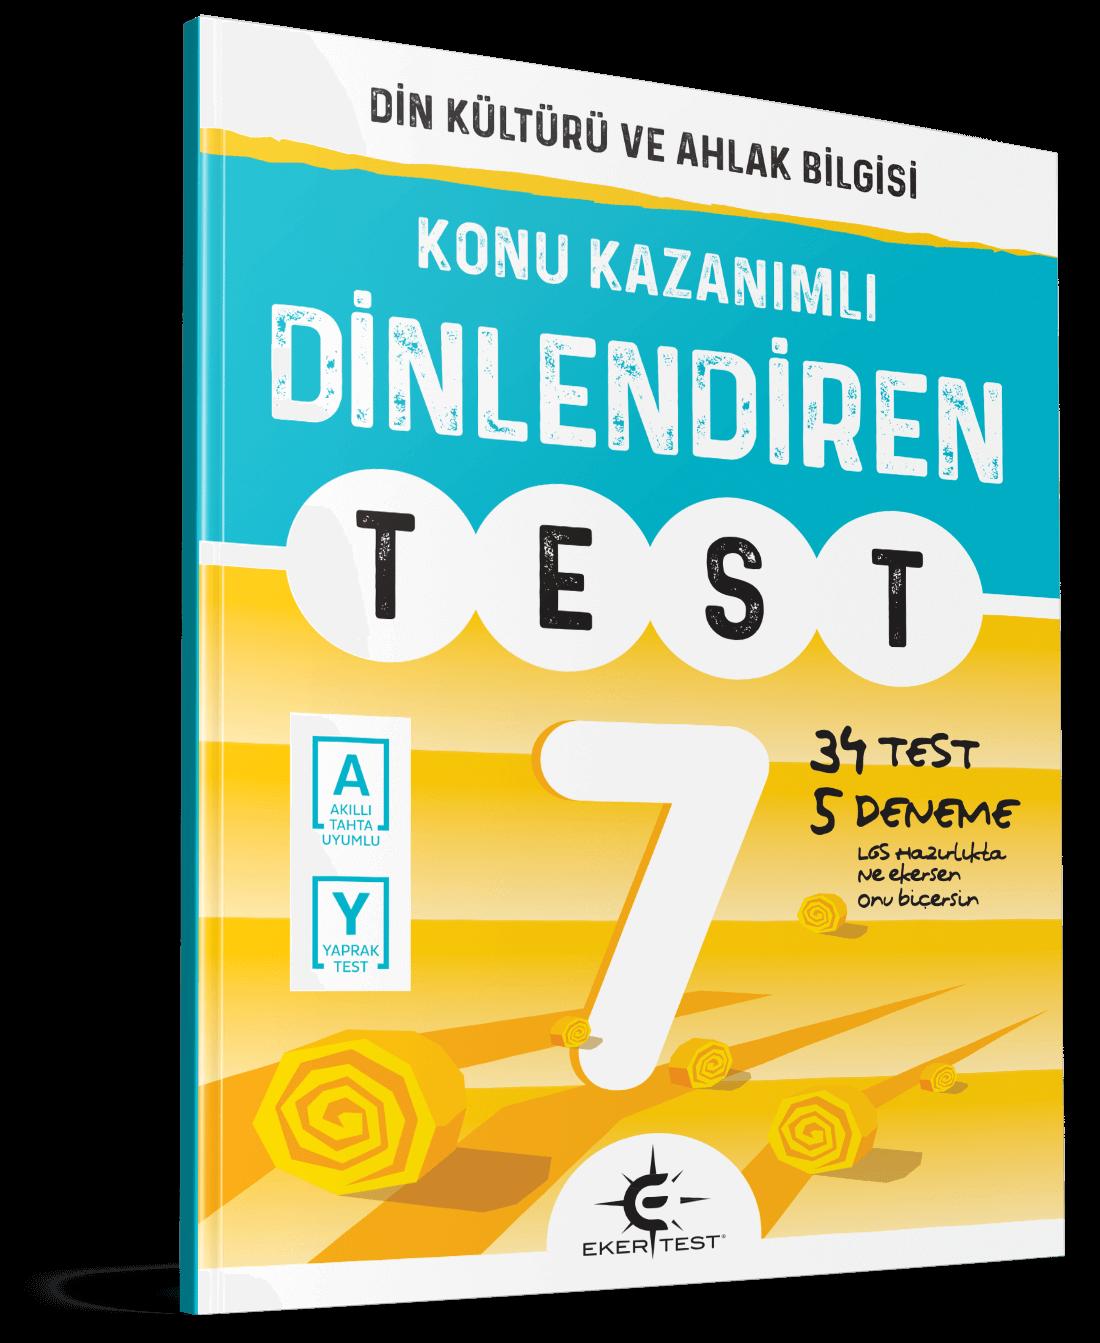 7. Sınıf Dinlediren Test Eker Test Yayınları